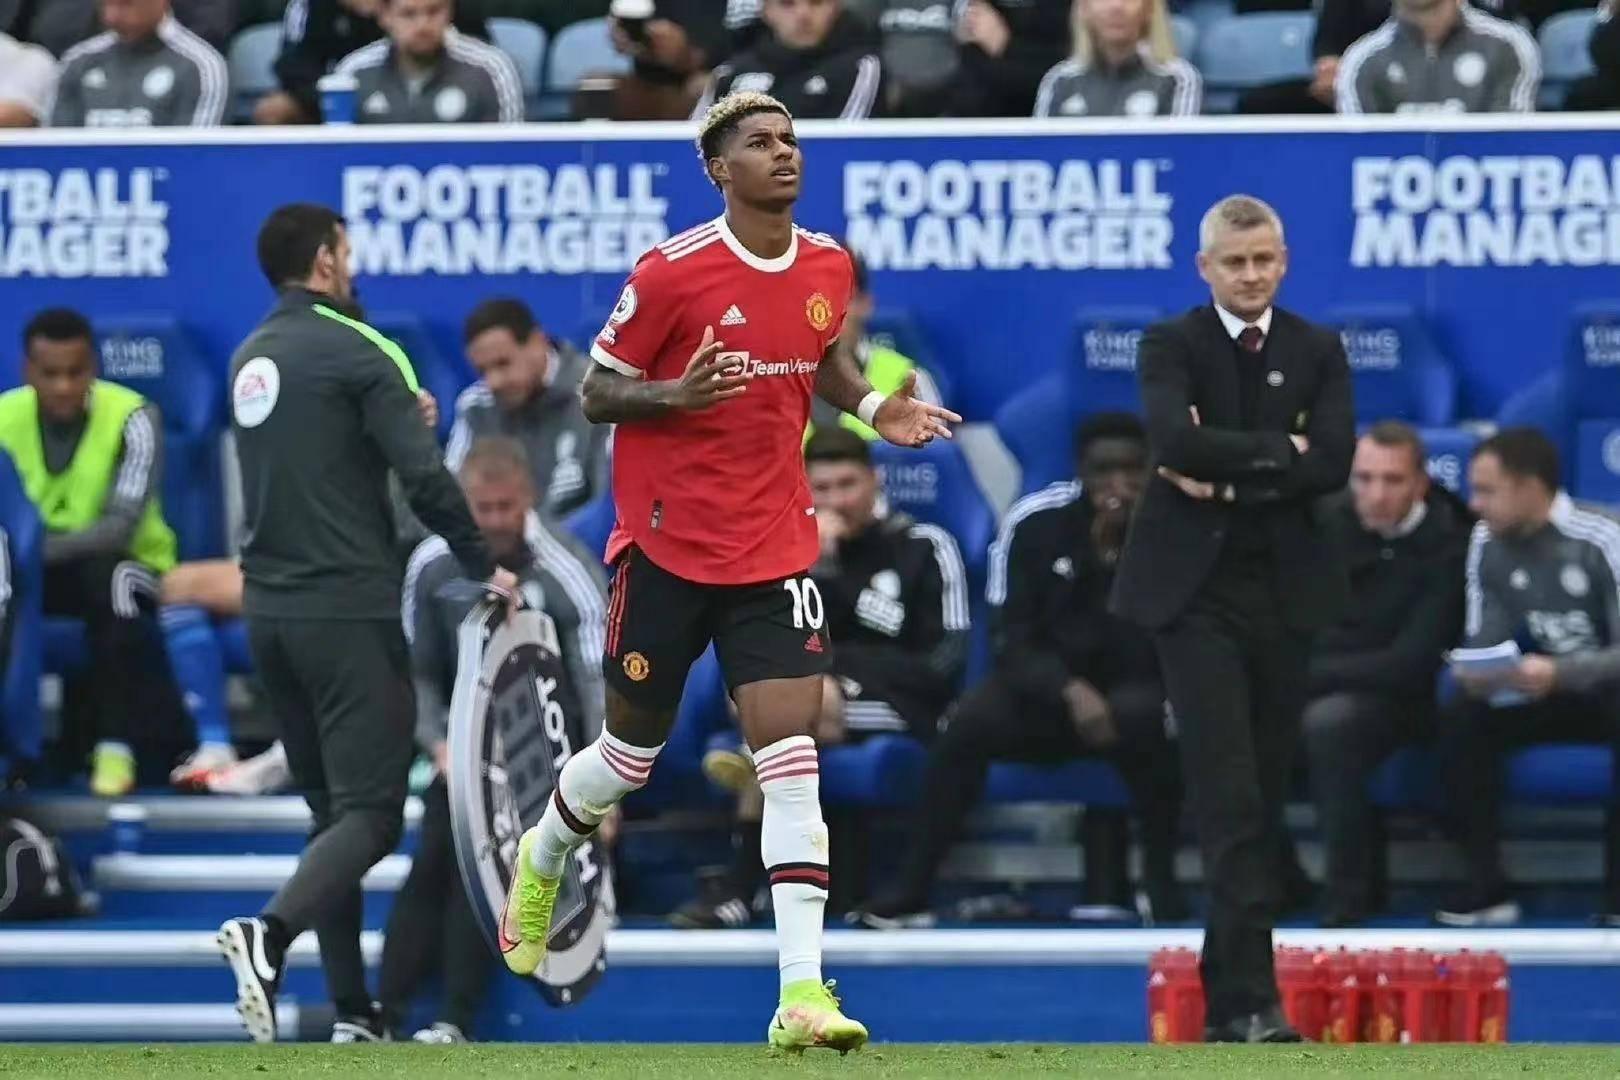 索帅下课赔率升至英超第2 曼联球迷:换个优秀的教练